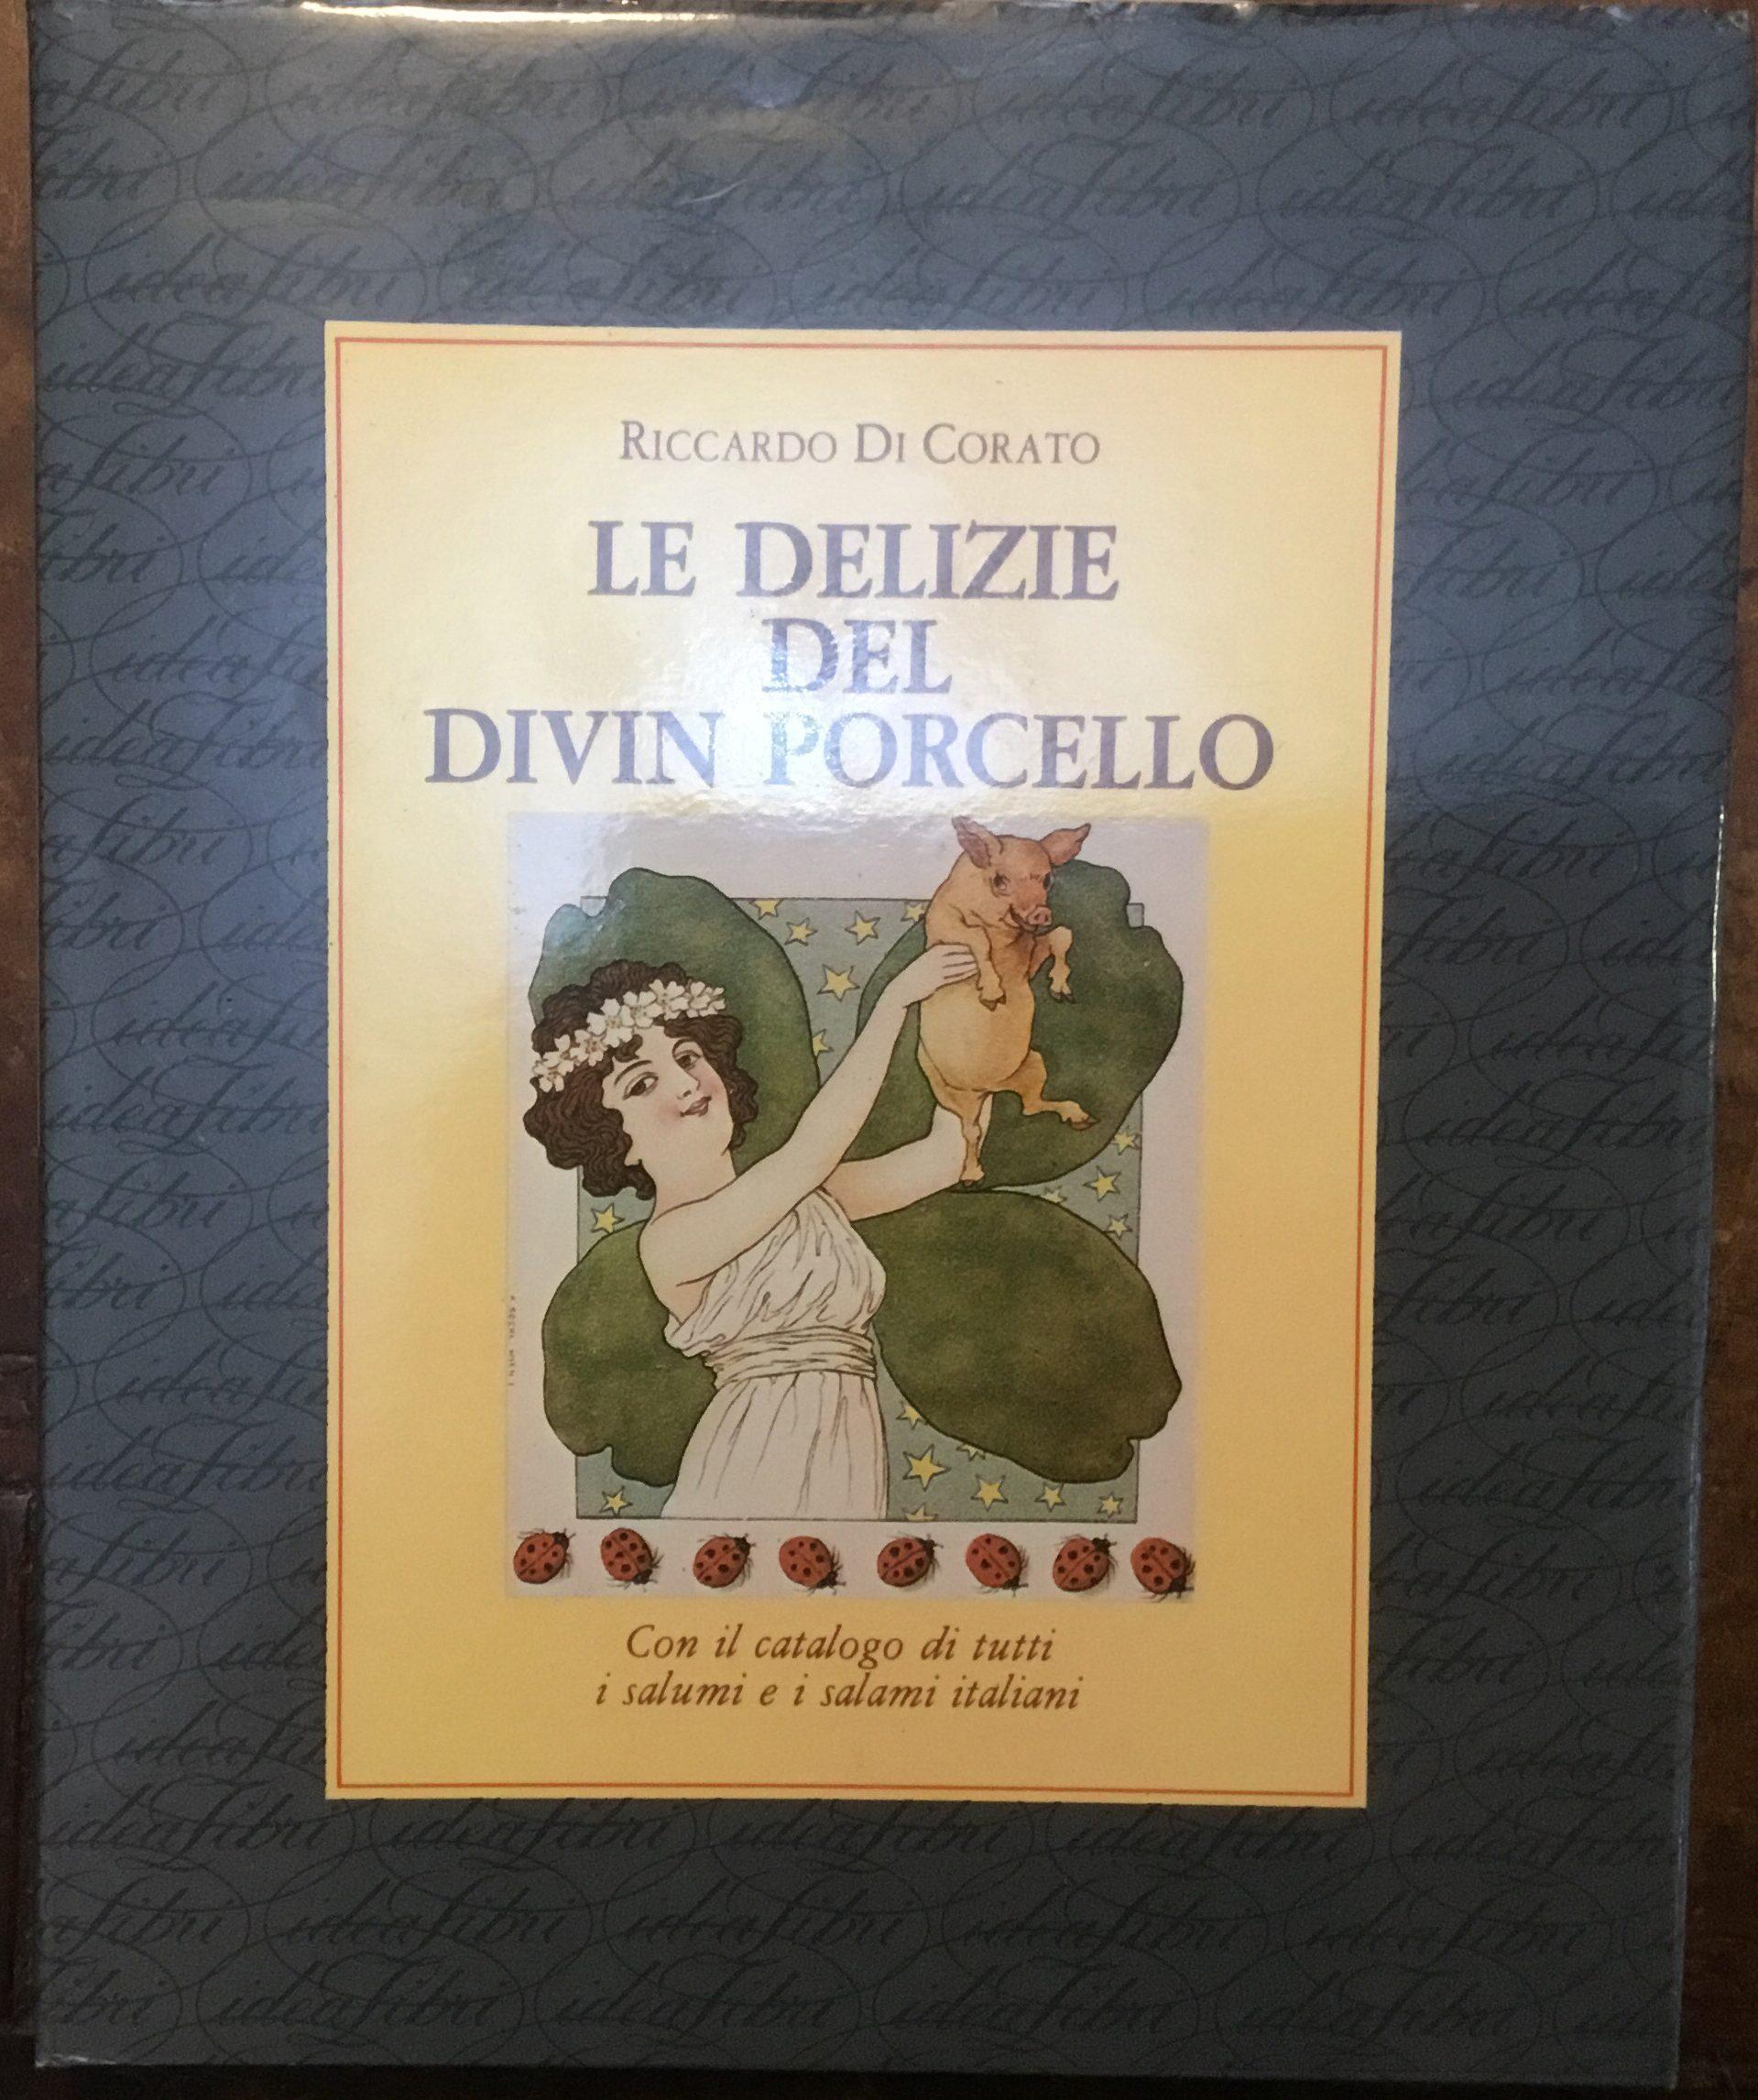 Le delizie del divin porcello. Con il catalogo di tutti i salumi e i salami italiani